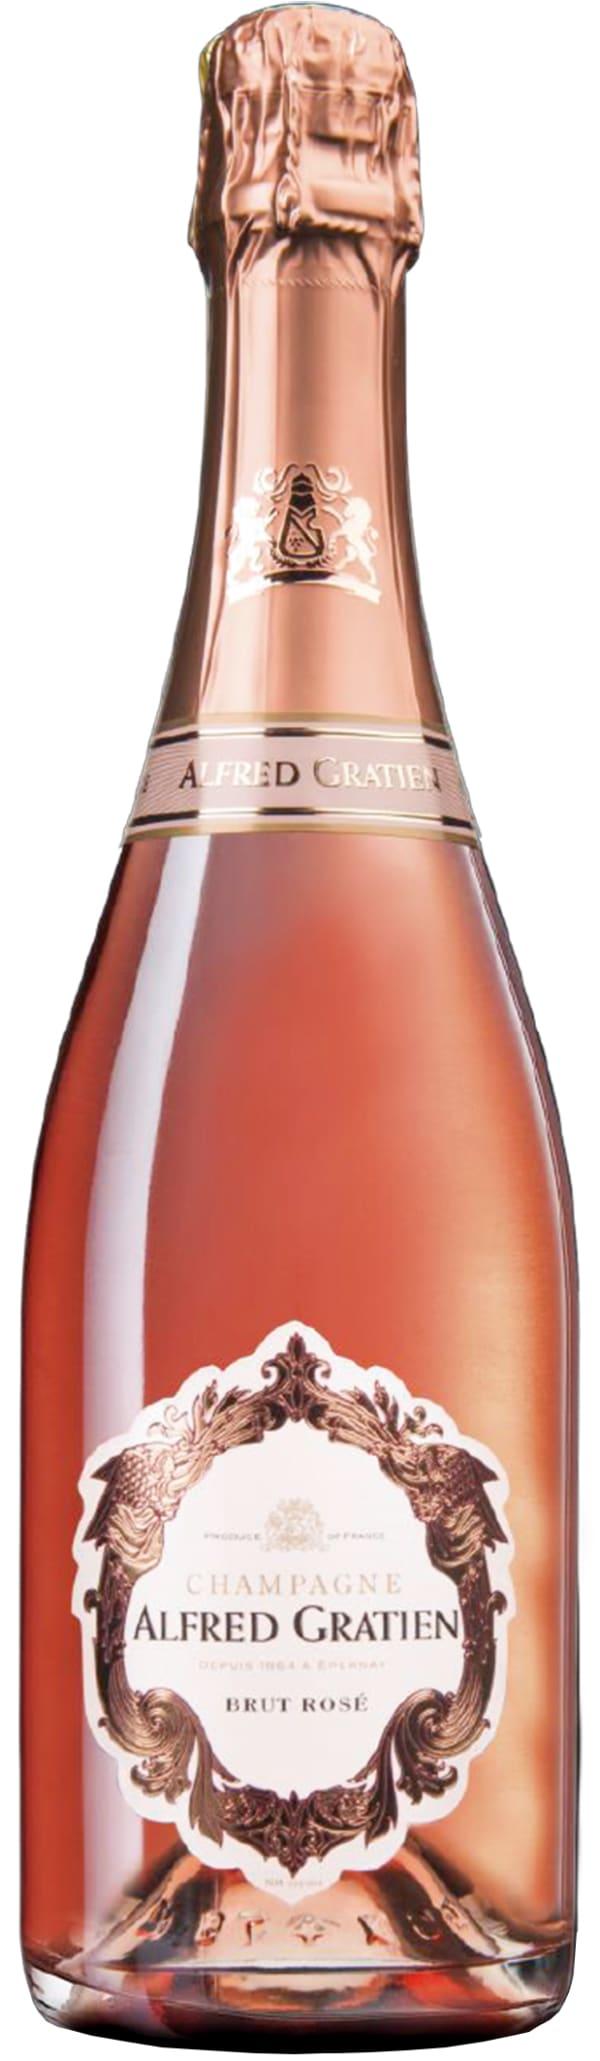 Alfred Gratien Rosé Champagne Brut